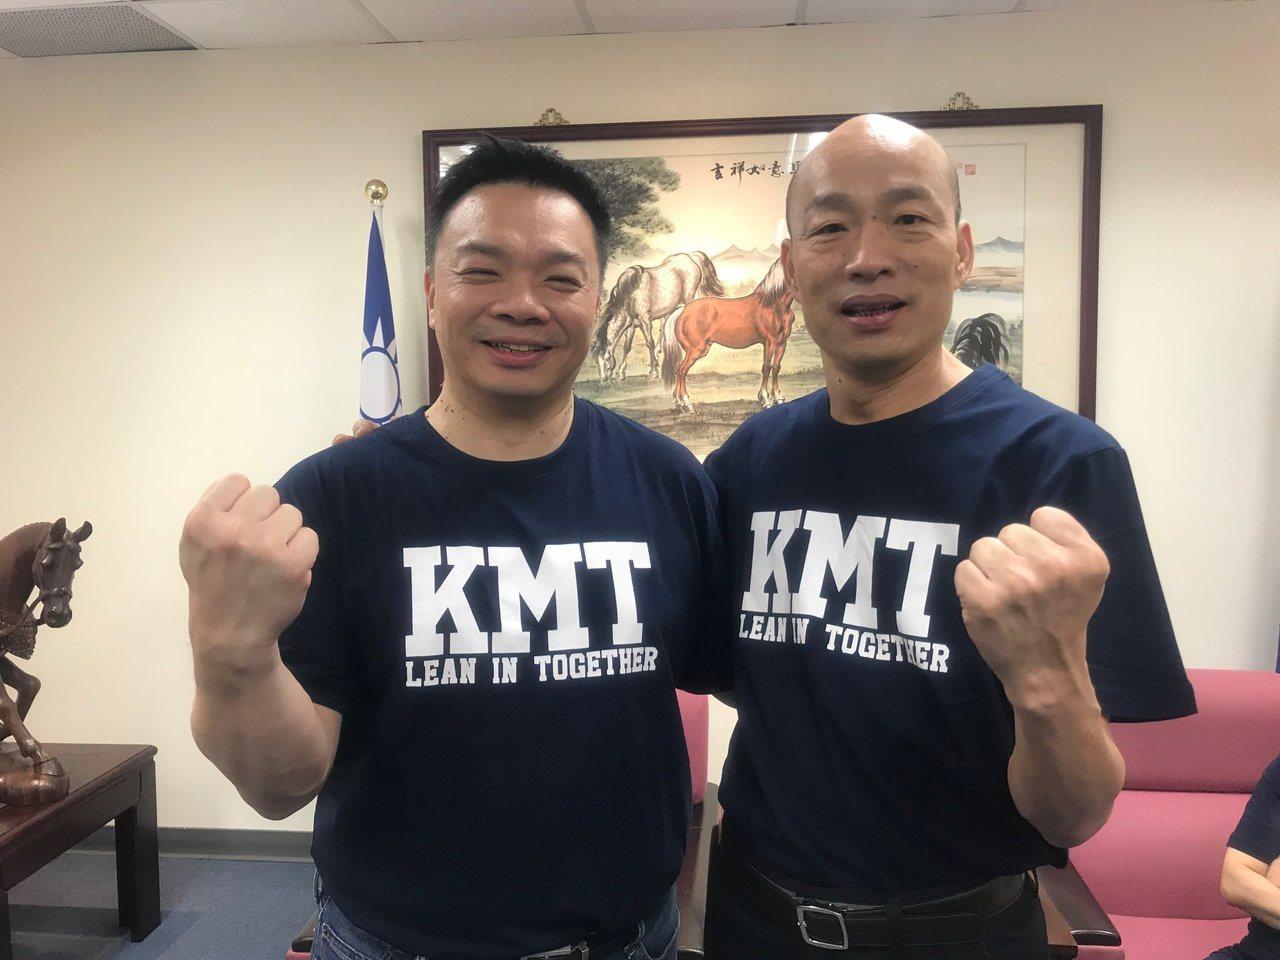 陸委會有意開罰韓國瑜,高思博抱不平。圖/ 高思博提供